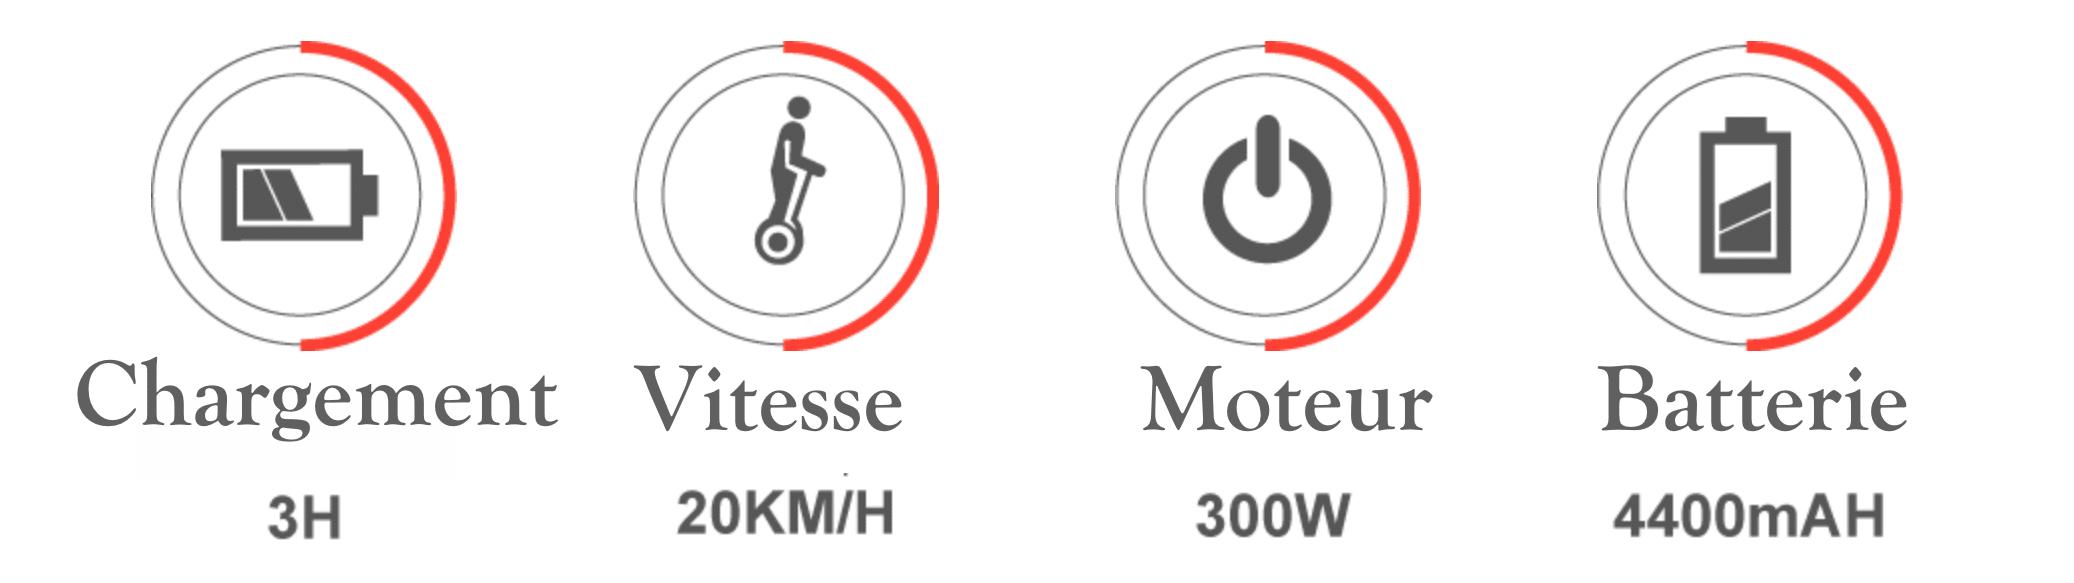 Ebike electrique